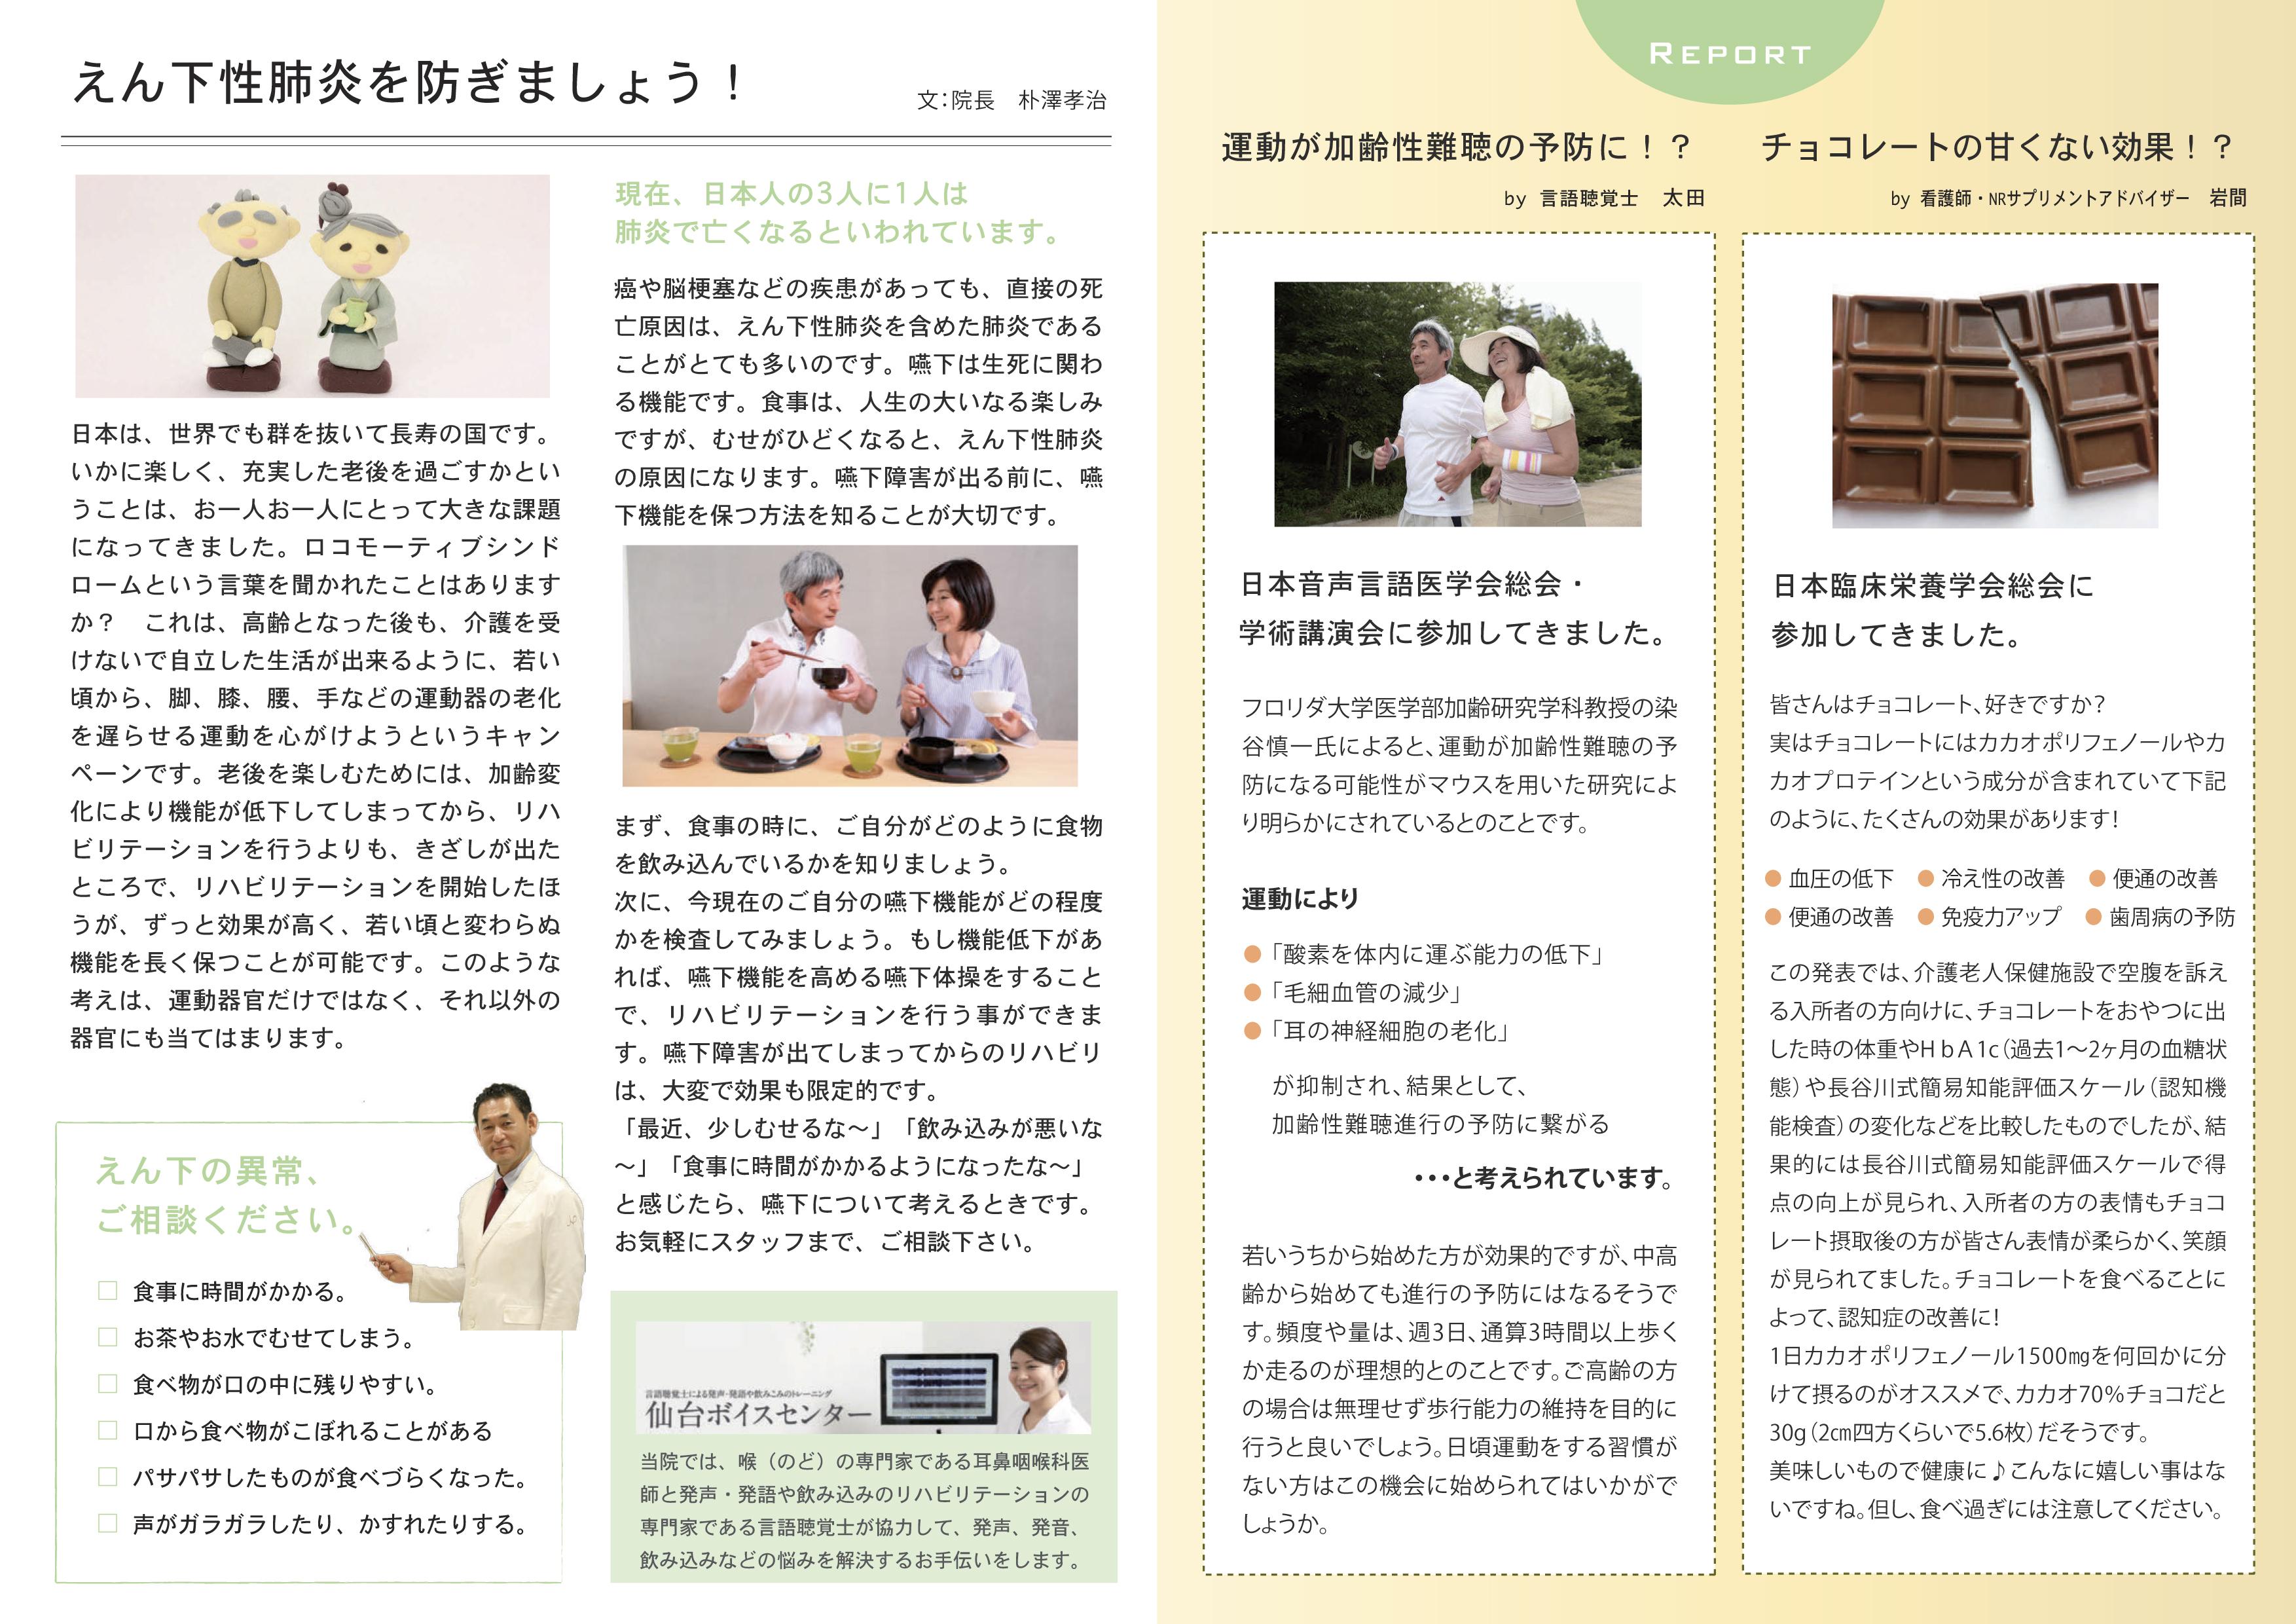 http://hozawa.jp/news/news_img/ad09fe0f-727e-47eb-86e0-678fe152145c-2.jpg